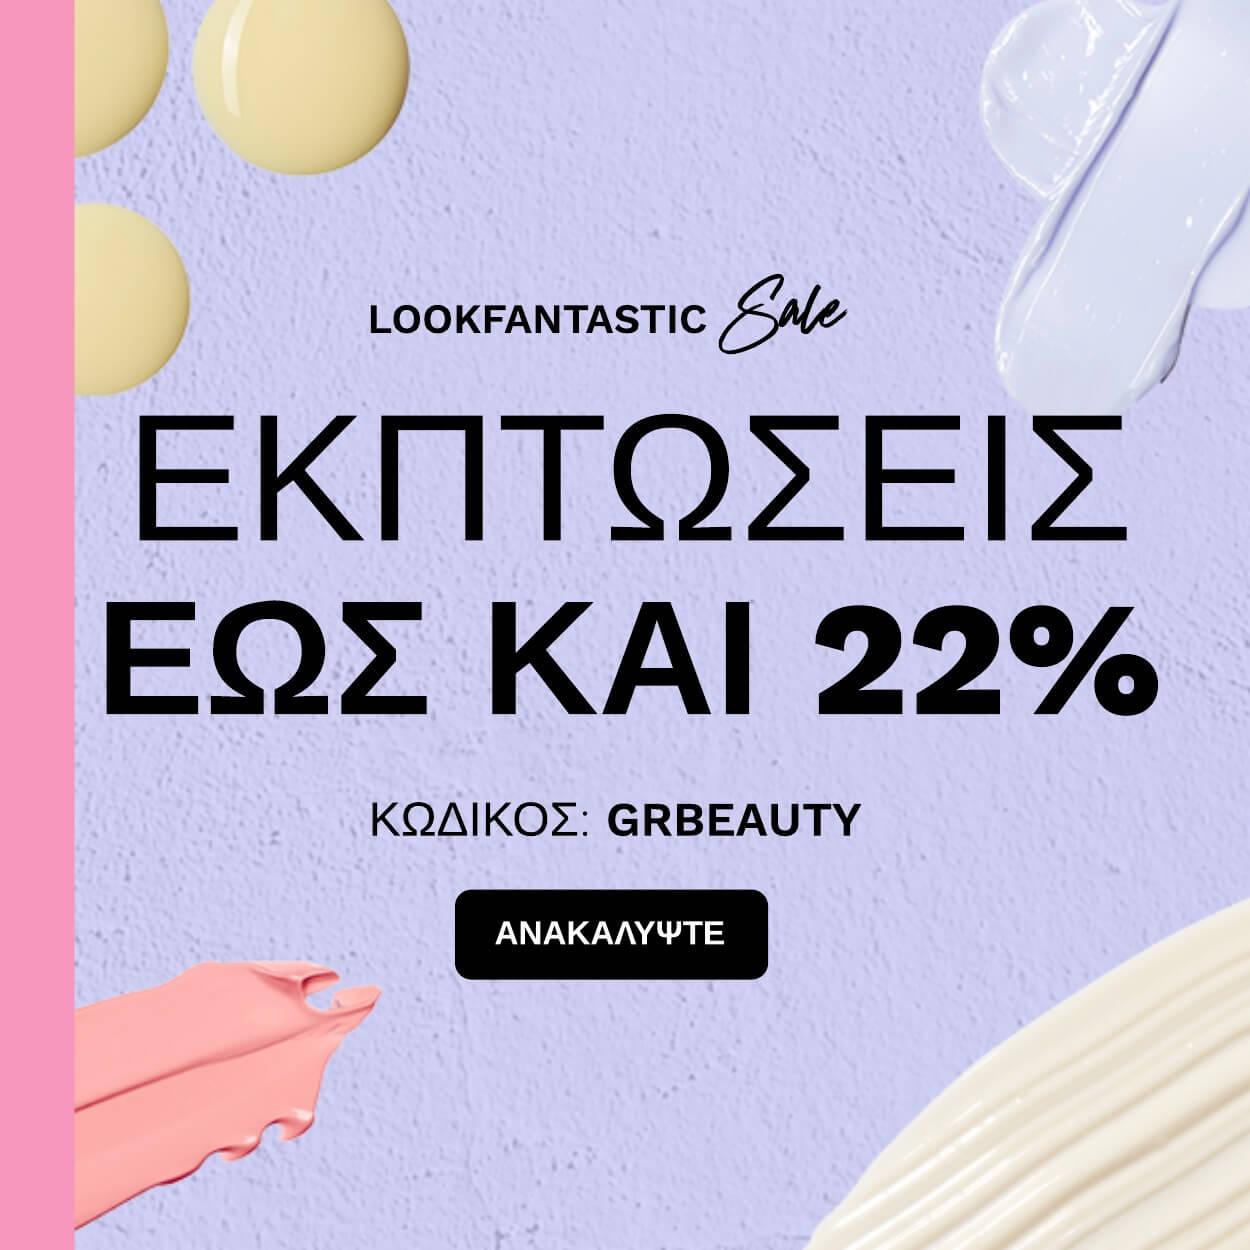 Αποκτήστε τα αγαπημένα σας προϊόντα ομορφιάςκαι εξοικονομήστε έως και 22% στην παραγγελία σας. Επιπλέον, με αγορές άνω των 60 € μπορείτε να επιλέξετε ένα δωρεάν δείγμα!